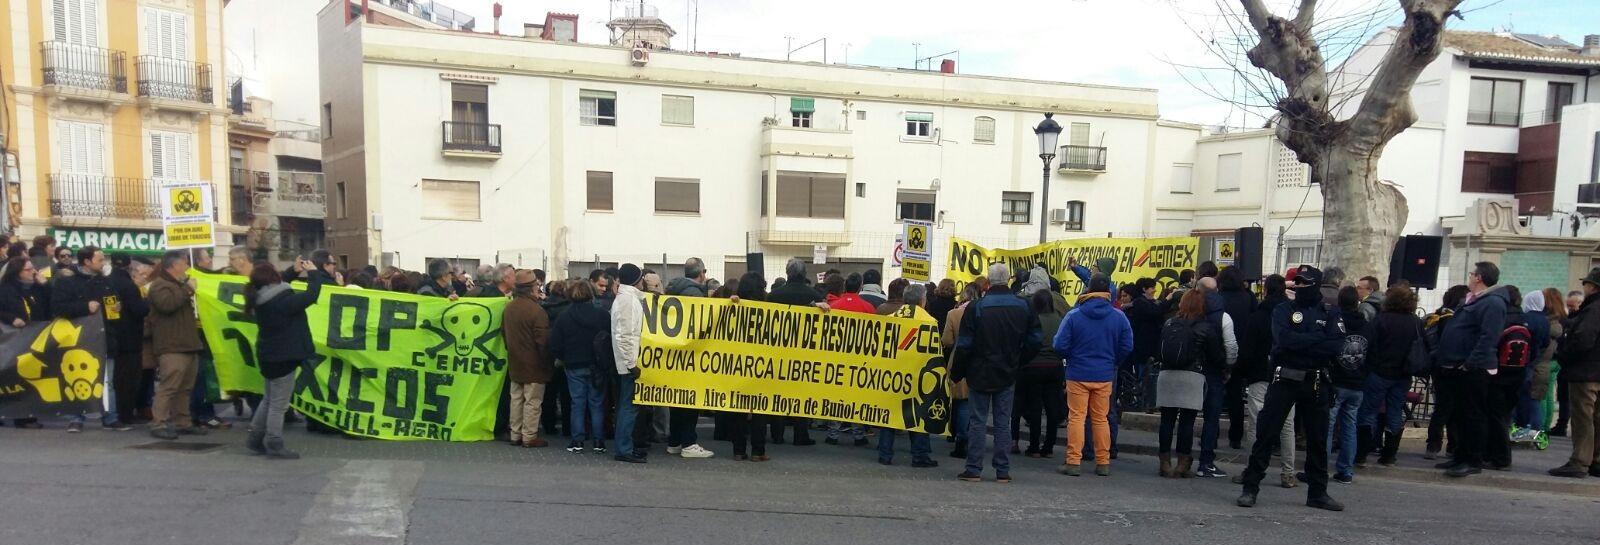 Participantes en la protesta contra la incineración de residuos tóxicos y peligrosos convocada en Chiva tiempo atrás.